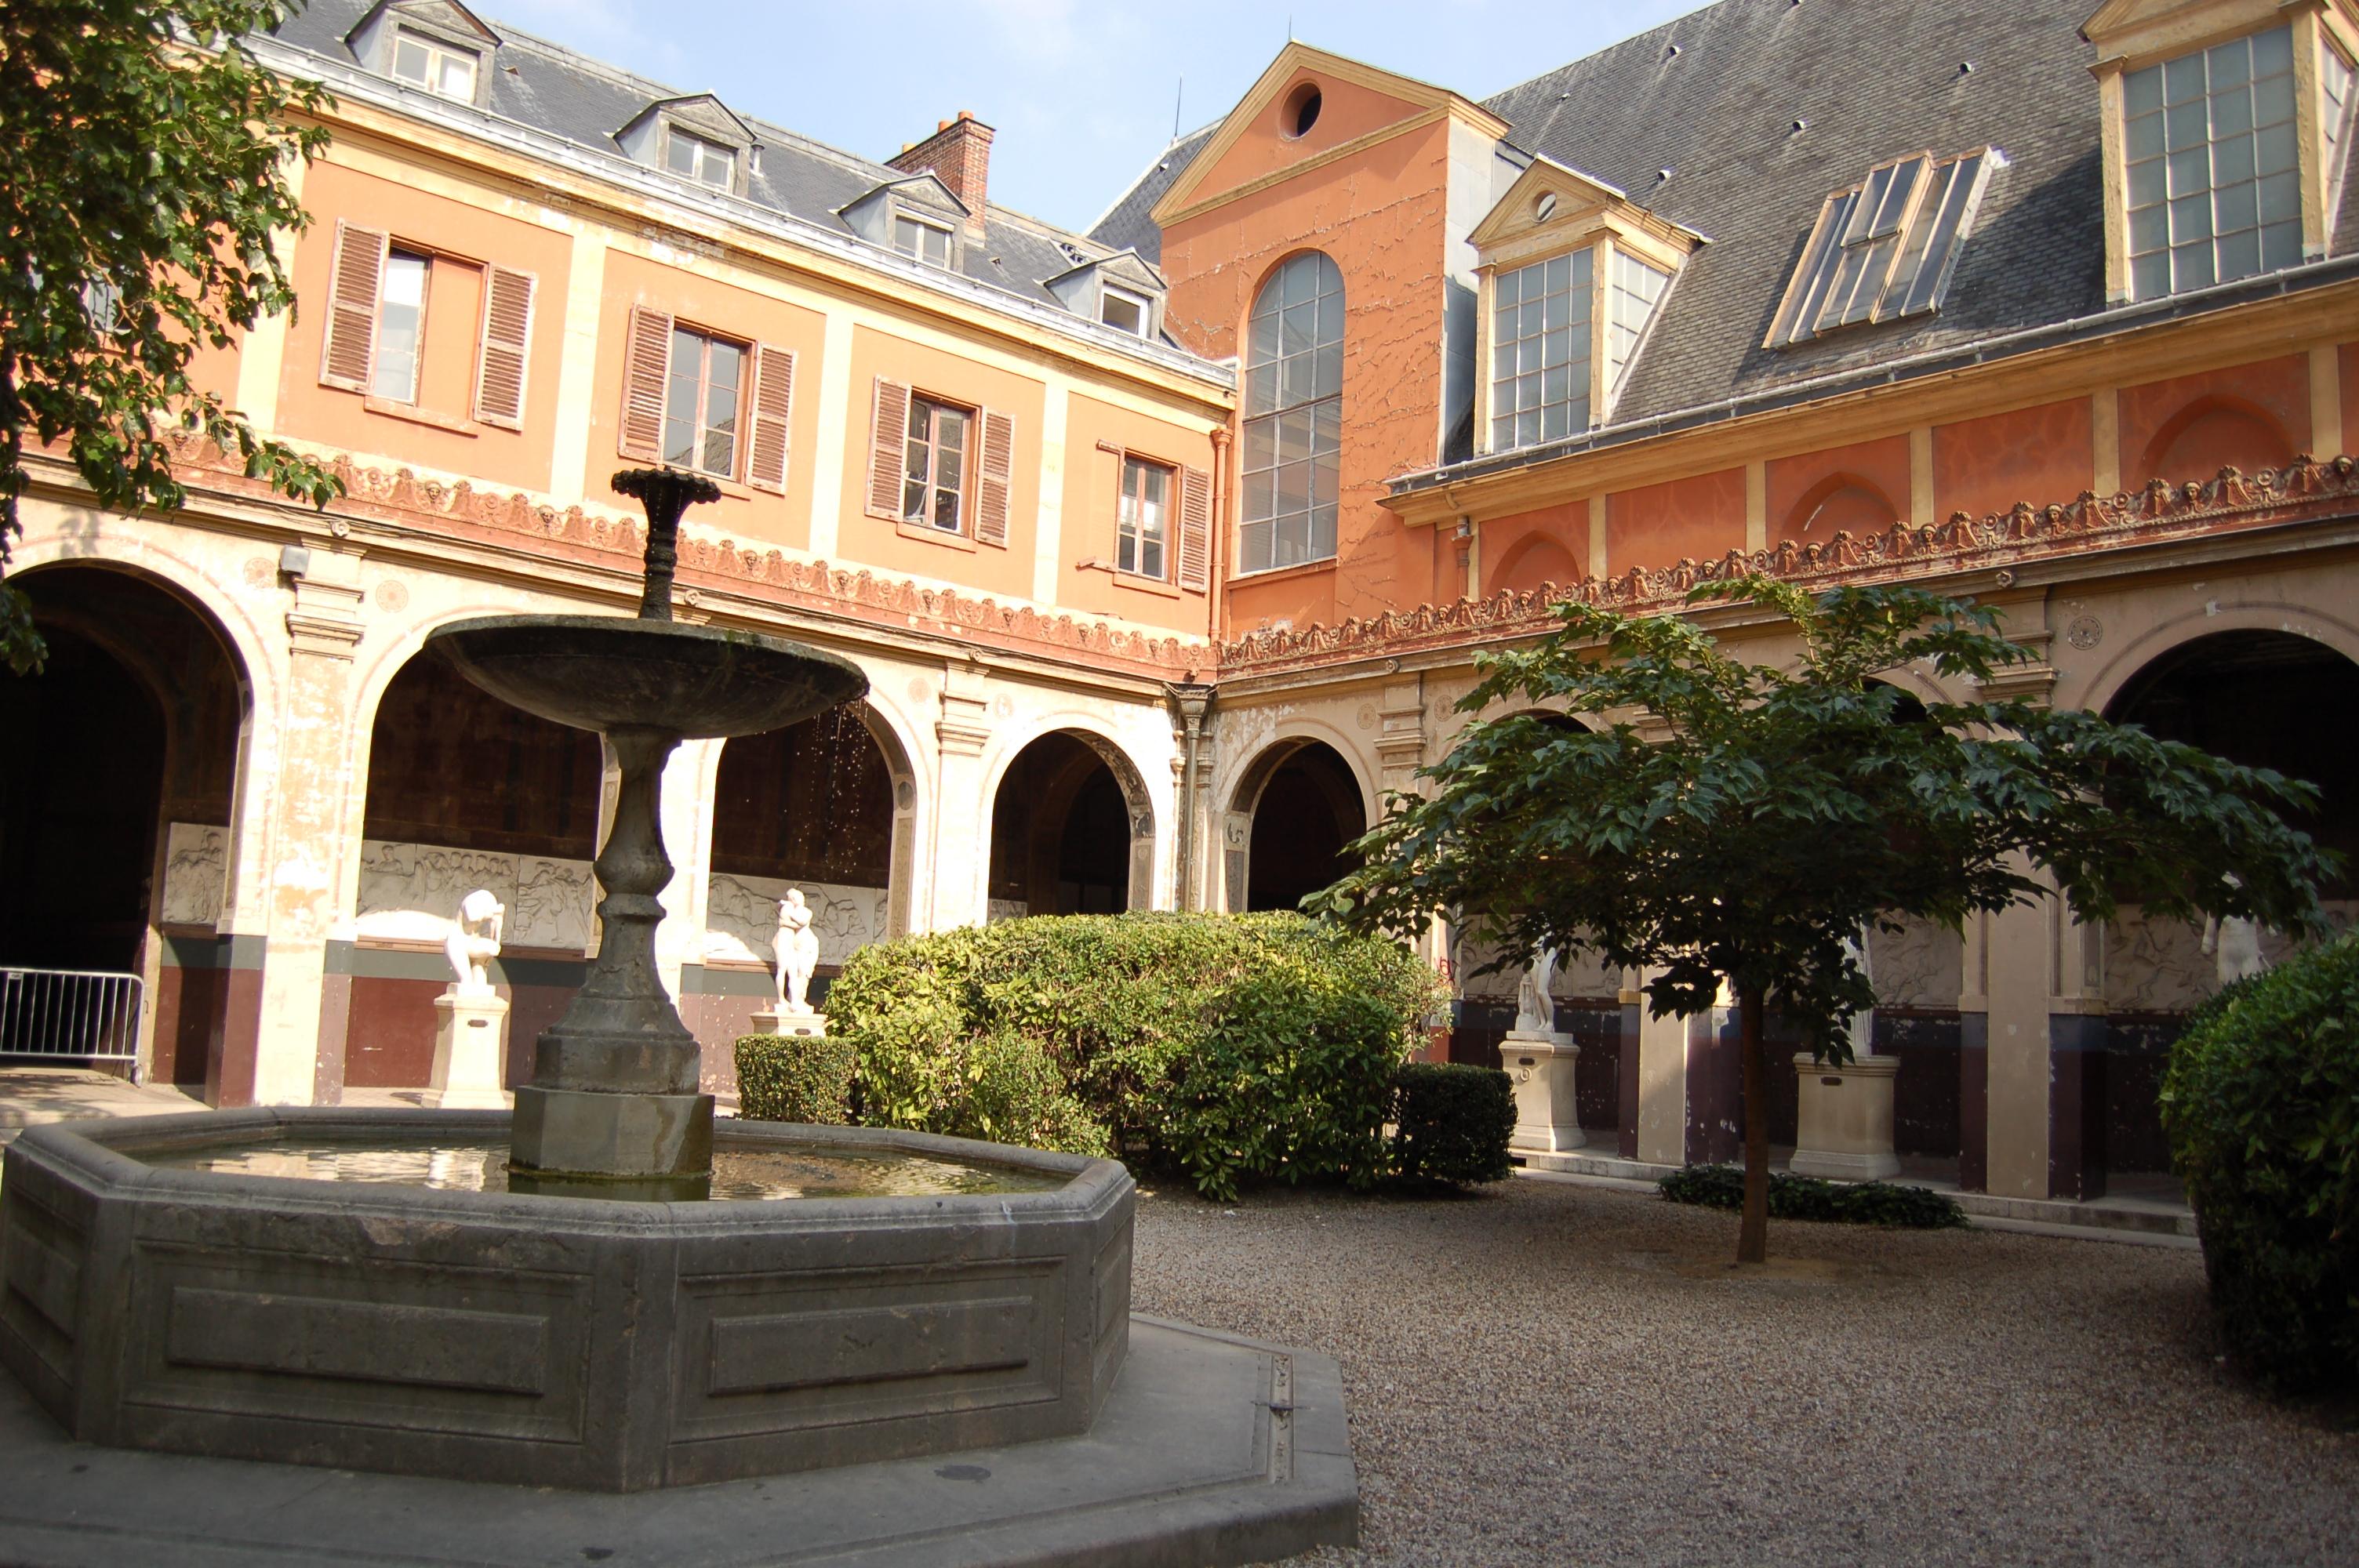 Bien-aimé File:Ecole Nationale Superieure des Beaux-Arts jardin.JPG  CE42